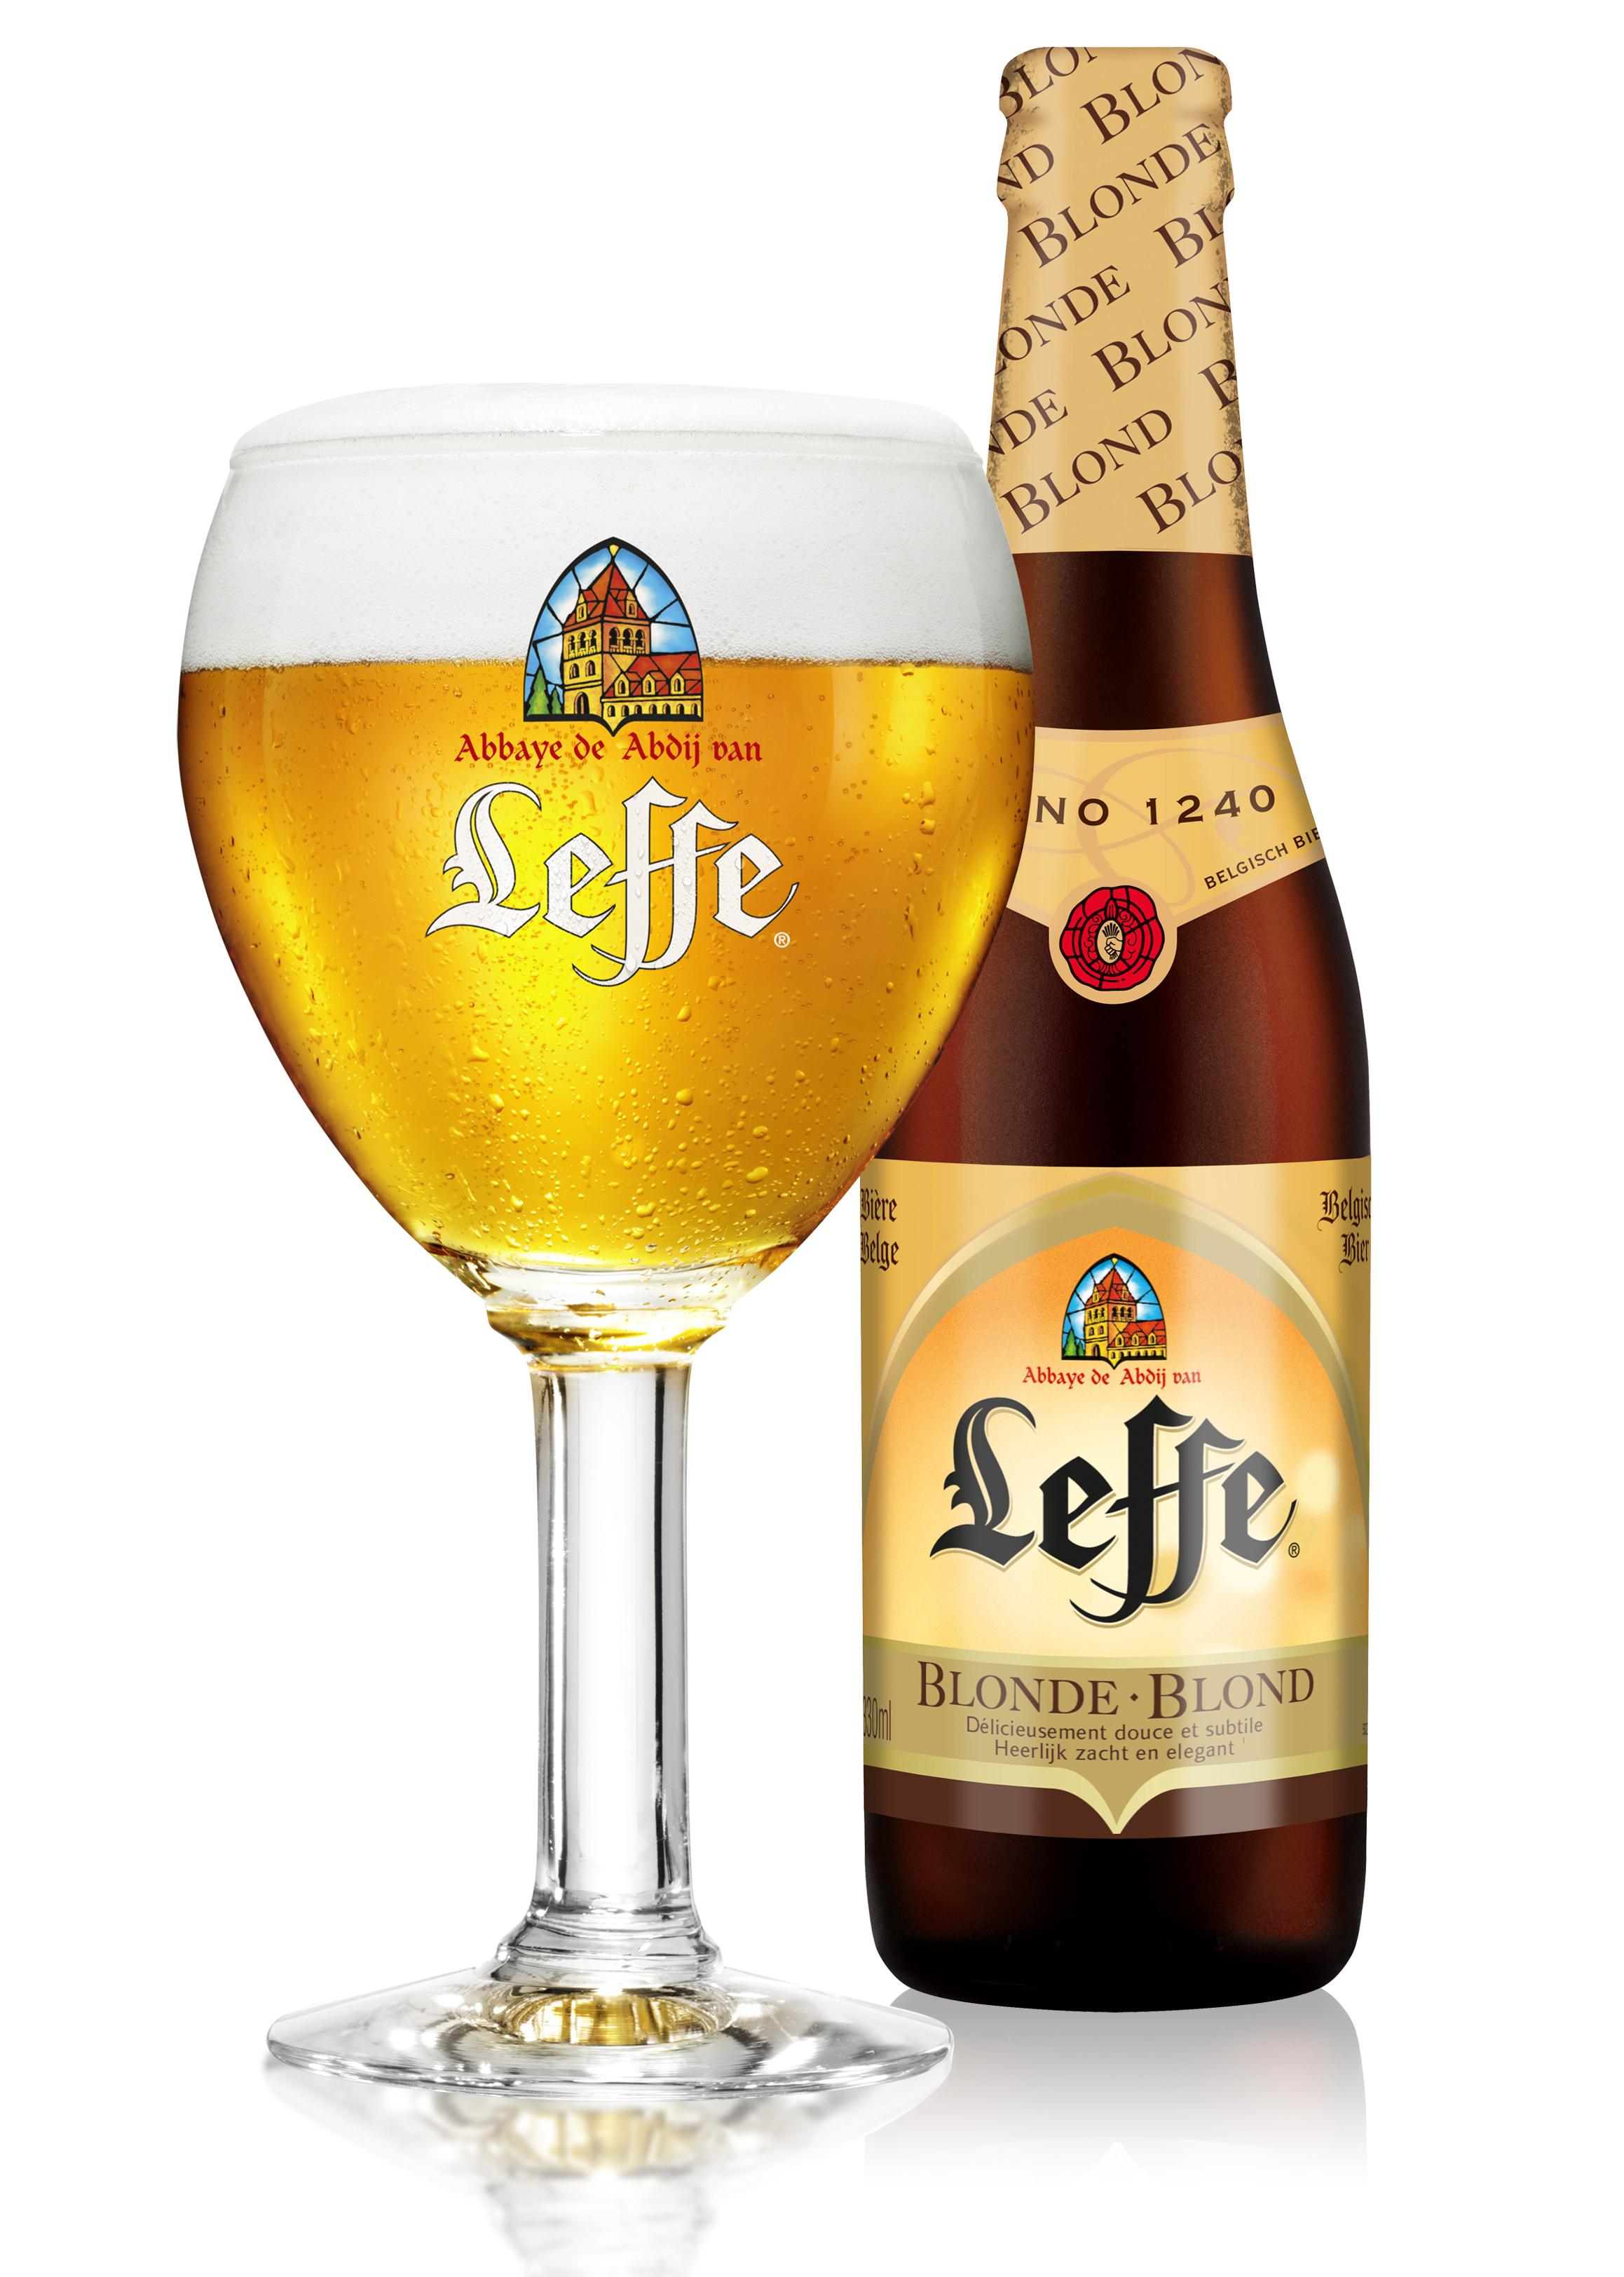 Leffe Blond - The lovely Belgium Blonde